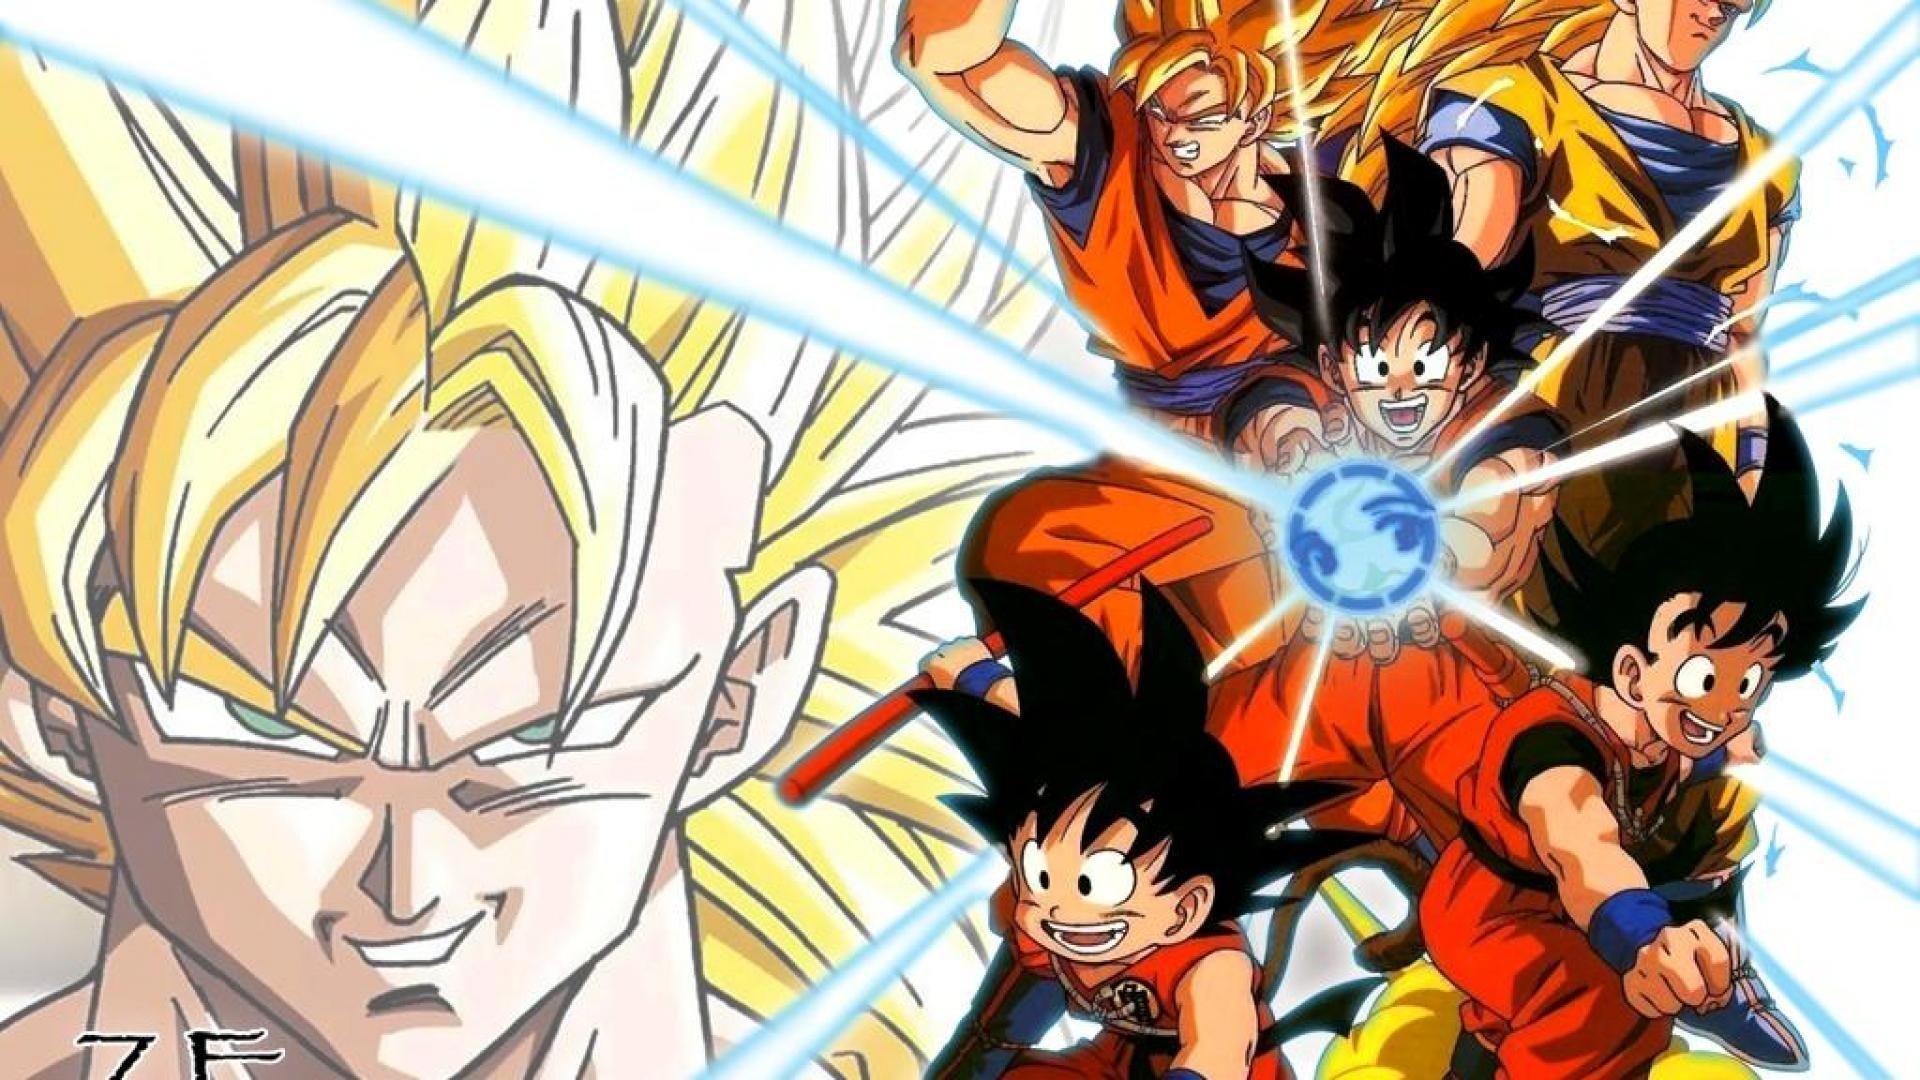 Goku Normal Wallpaper